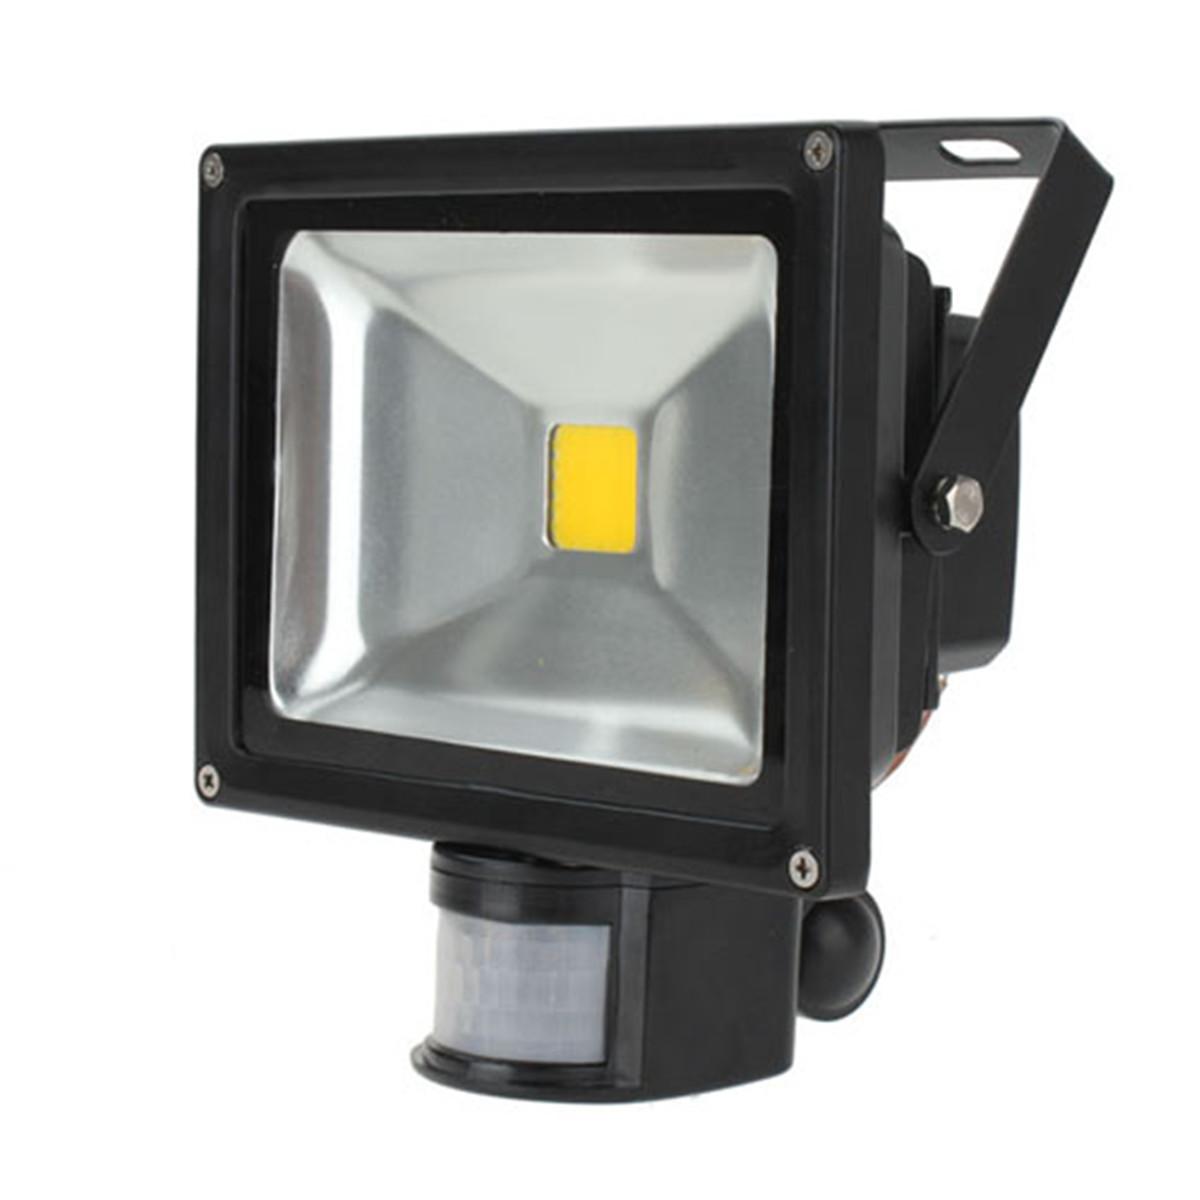 projecteur exterieur led detecteur mouvement - achat / vente ... - Eclairage Exterieur Detecteur Automatique